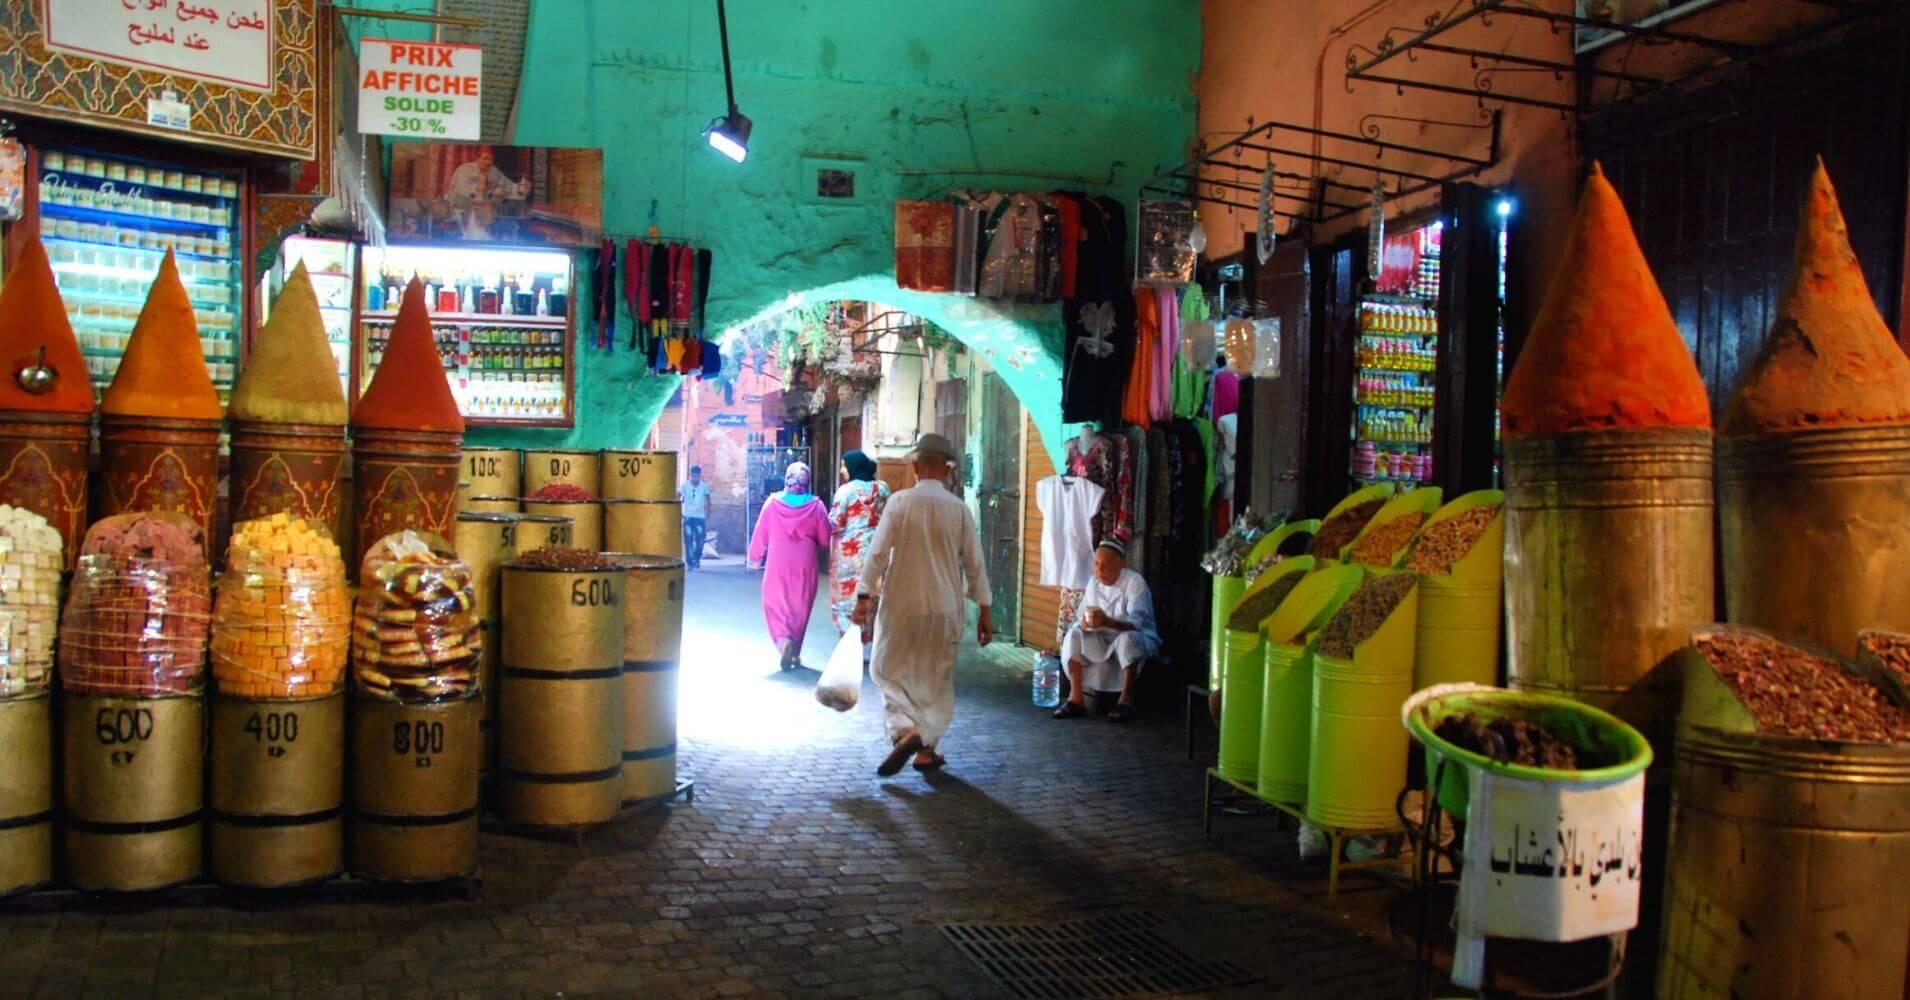 Bazares y Zoco en la Medina, Marruecos.